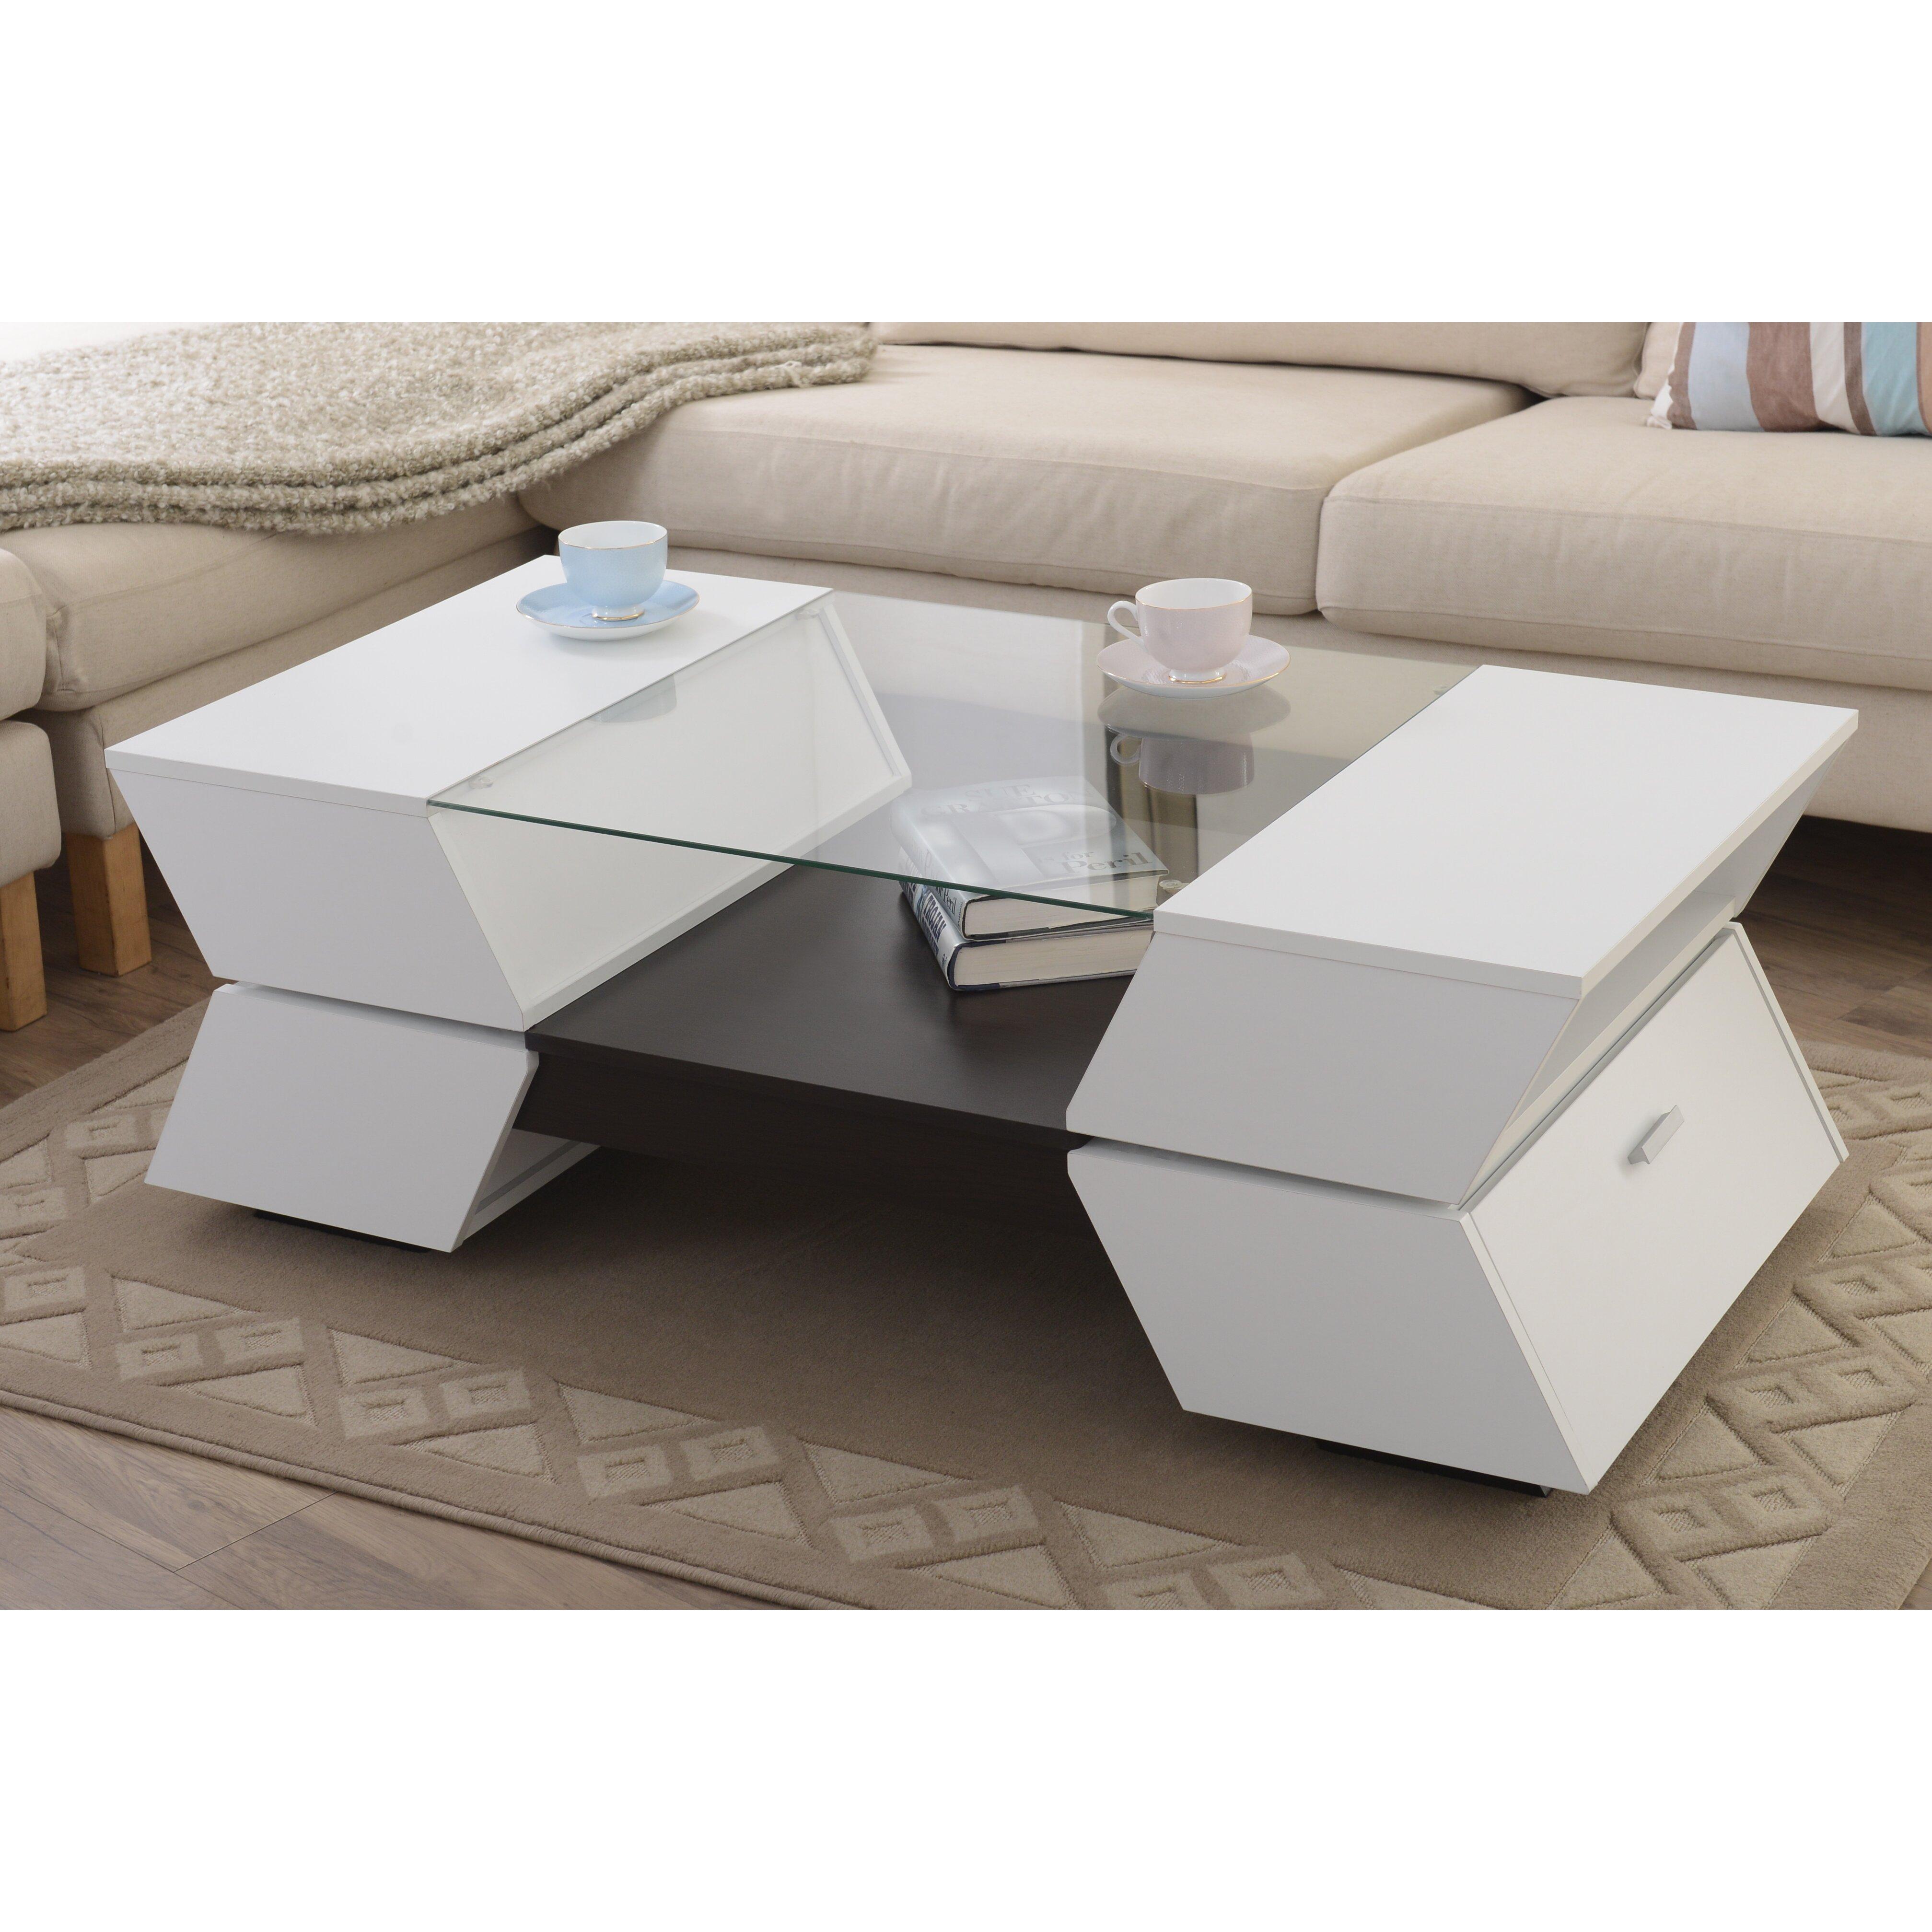 Hokku Designs Piazza Coffee Table Reviews Wayfair